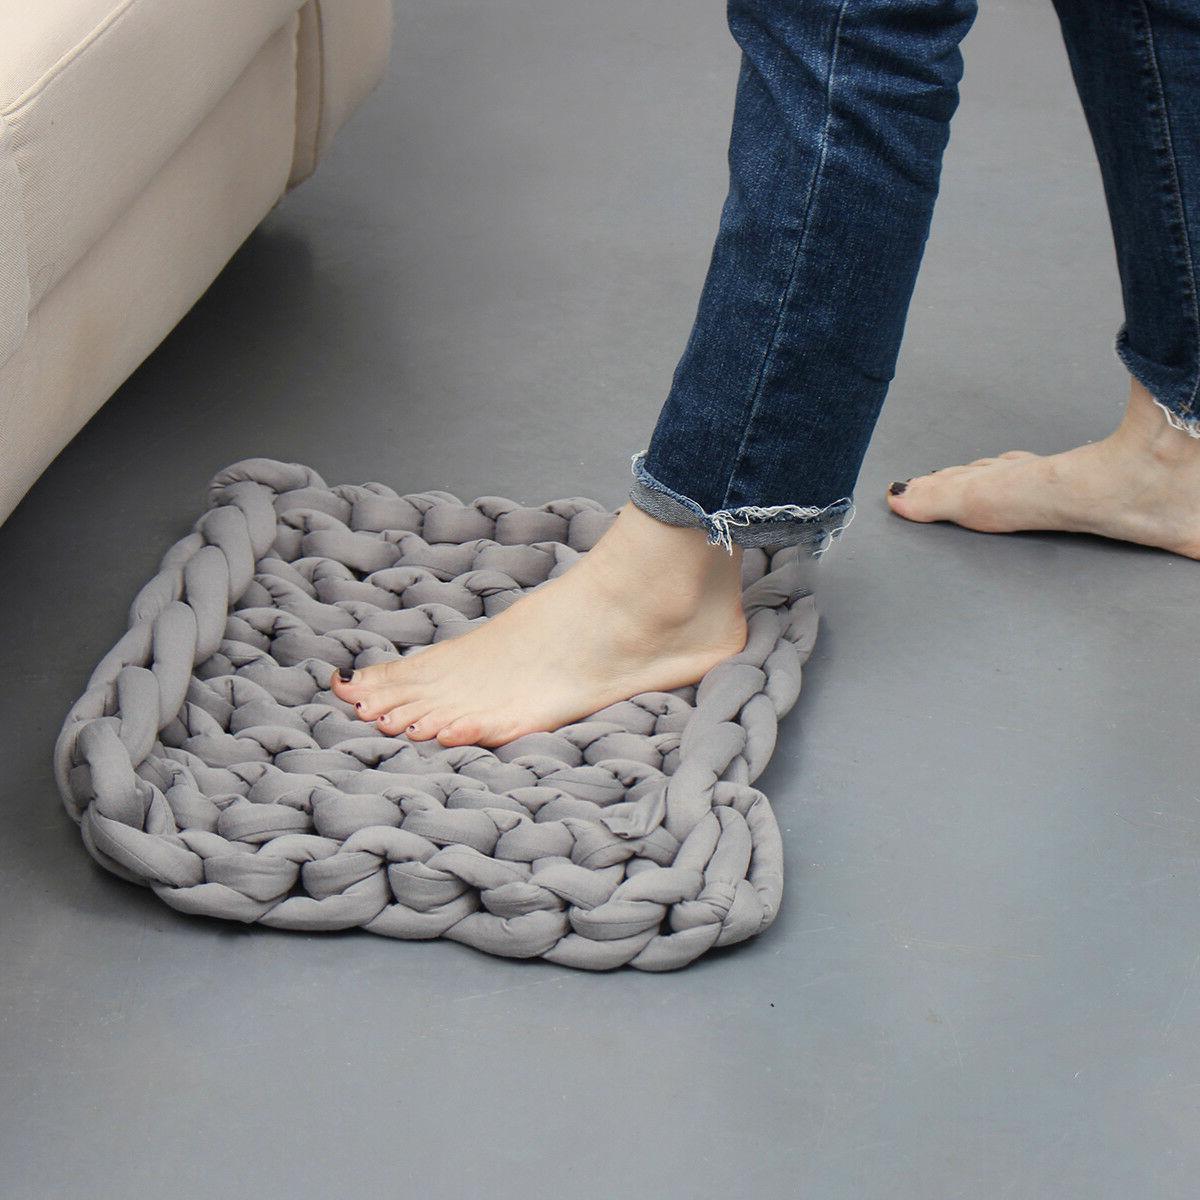 20x20in Handmade Blanket Throw Bathroom Rug